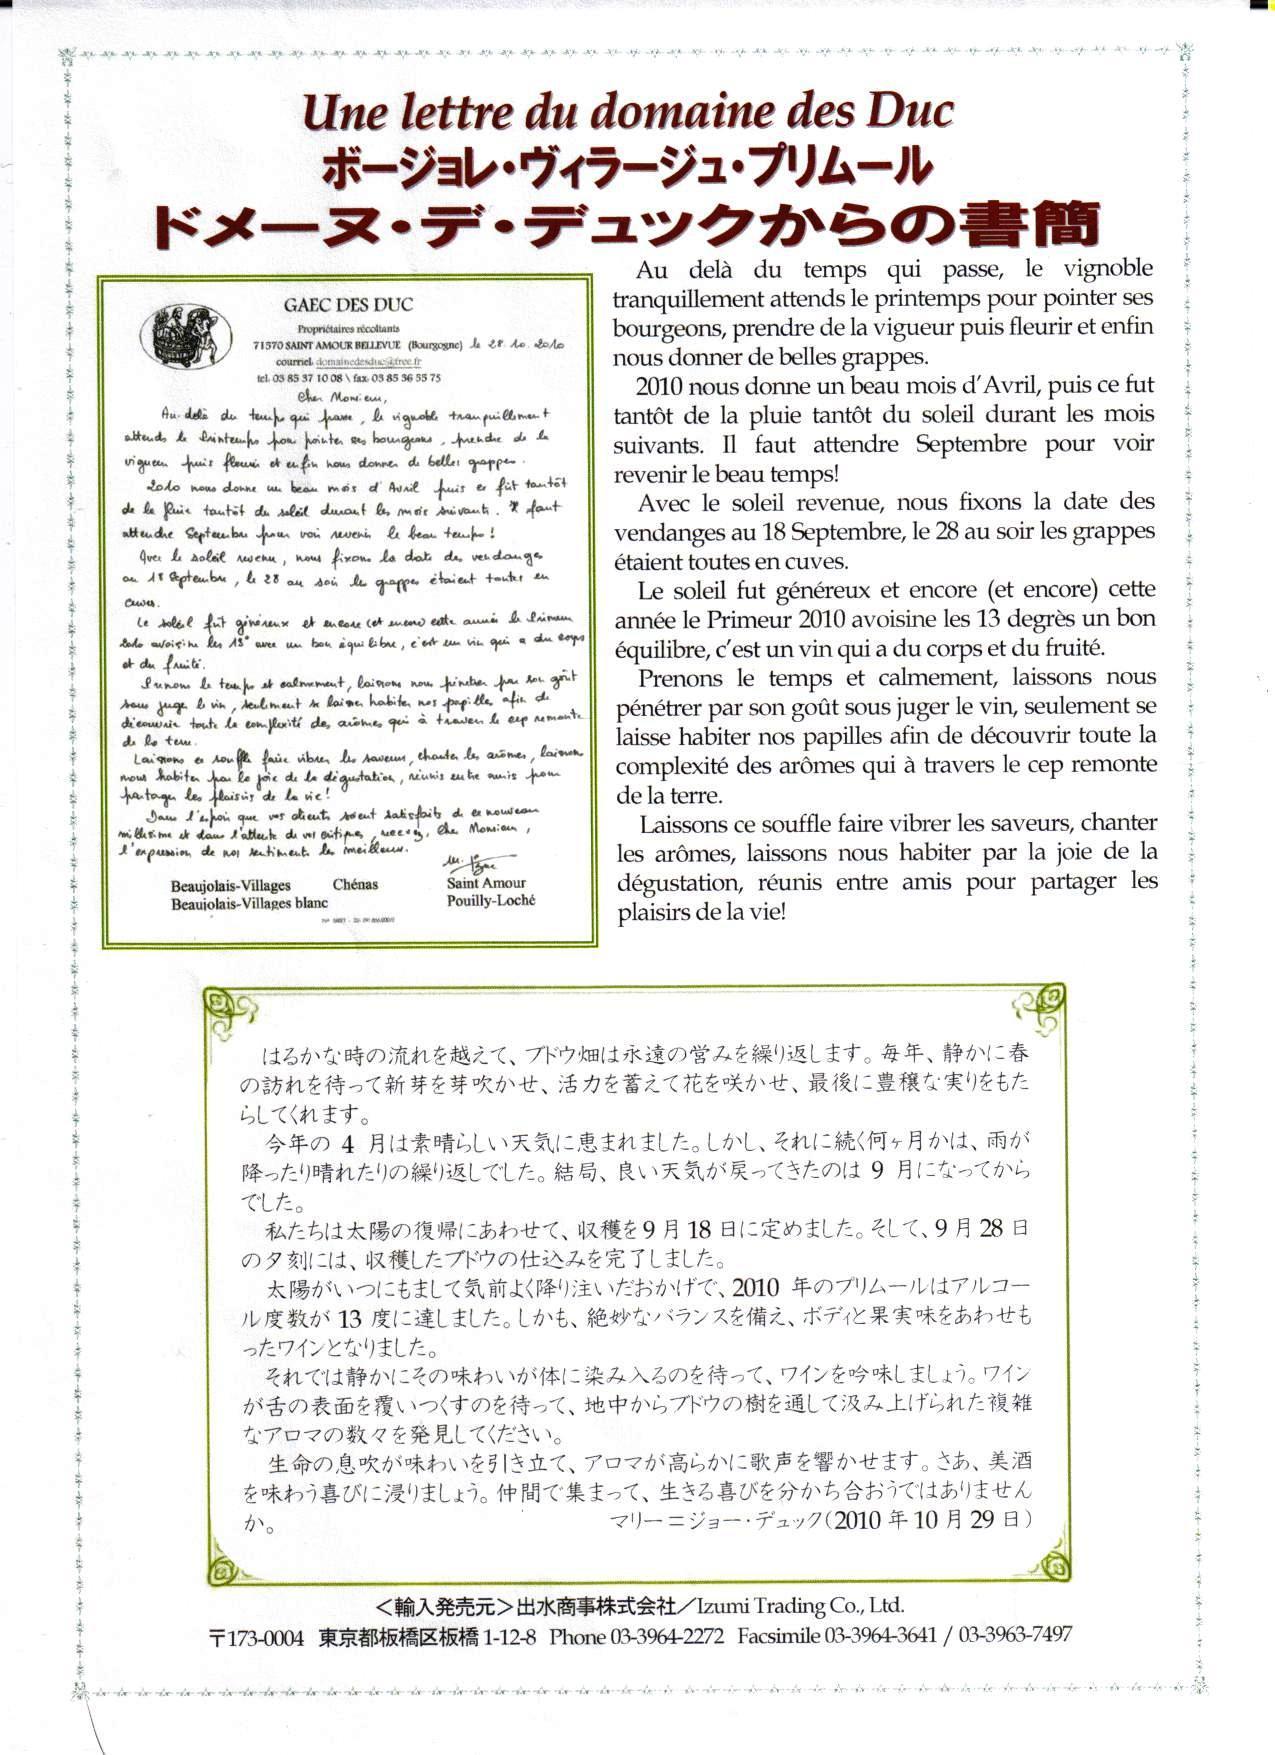 ワイン中田屋 ドメーヌ・デ・デュックからの書簡 ボージョレ・ヴィラージュ・プリムール Une lettre du domaine des Duc Beaujolais Nouveau 2008